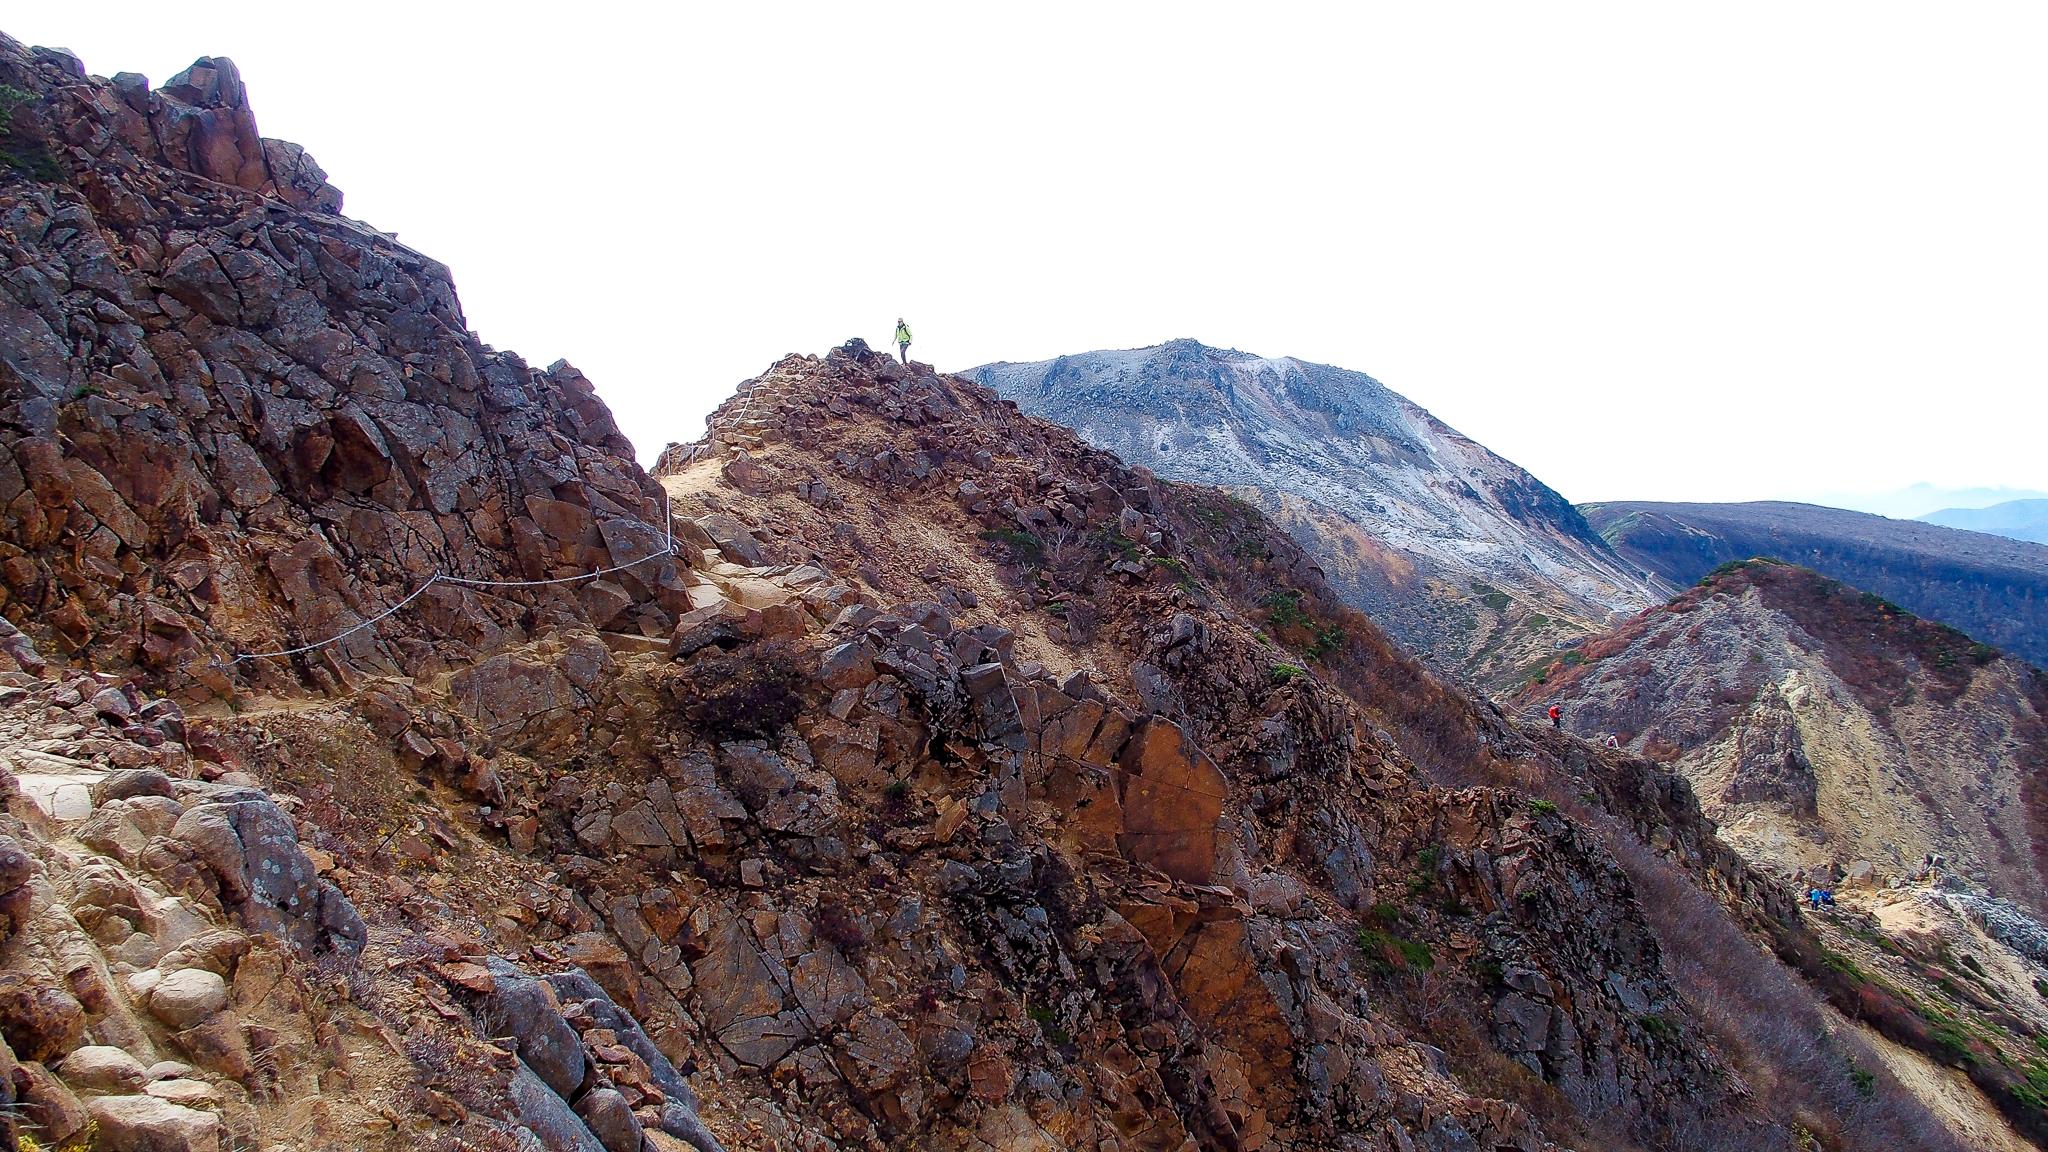 那須岳・朝日岳、茶臼岳間の稜線は、鎖場もあって迫力あります